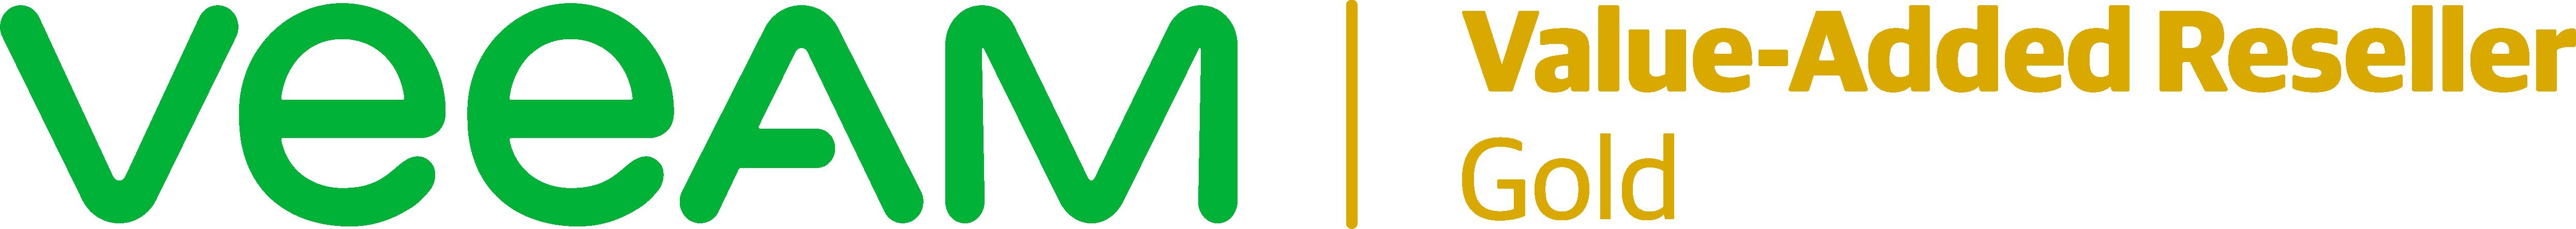 Veeam_ProPartner_Value-Added_Reseller_Gold_main_logo.png